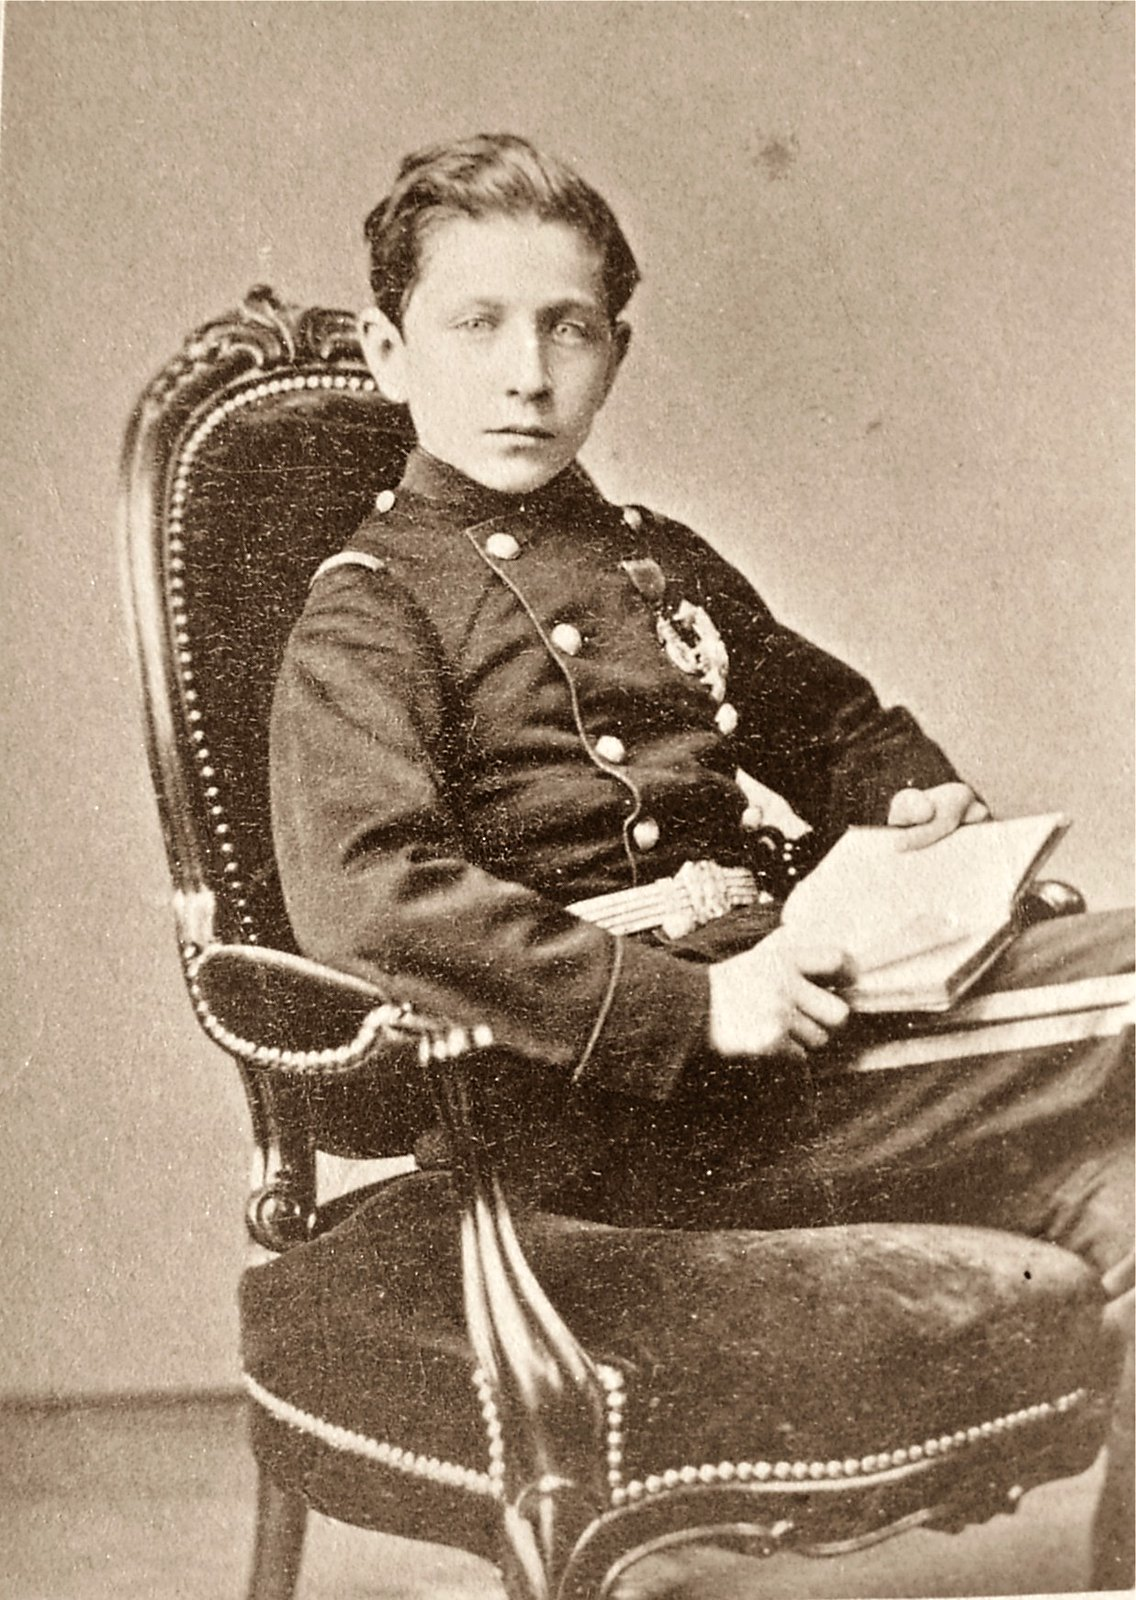 Napoléon at age 14, 1870